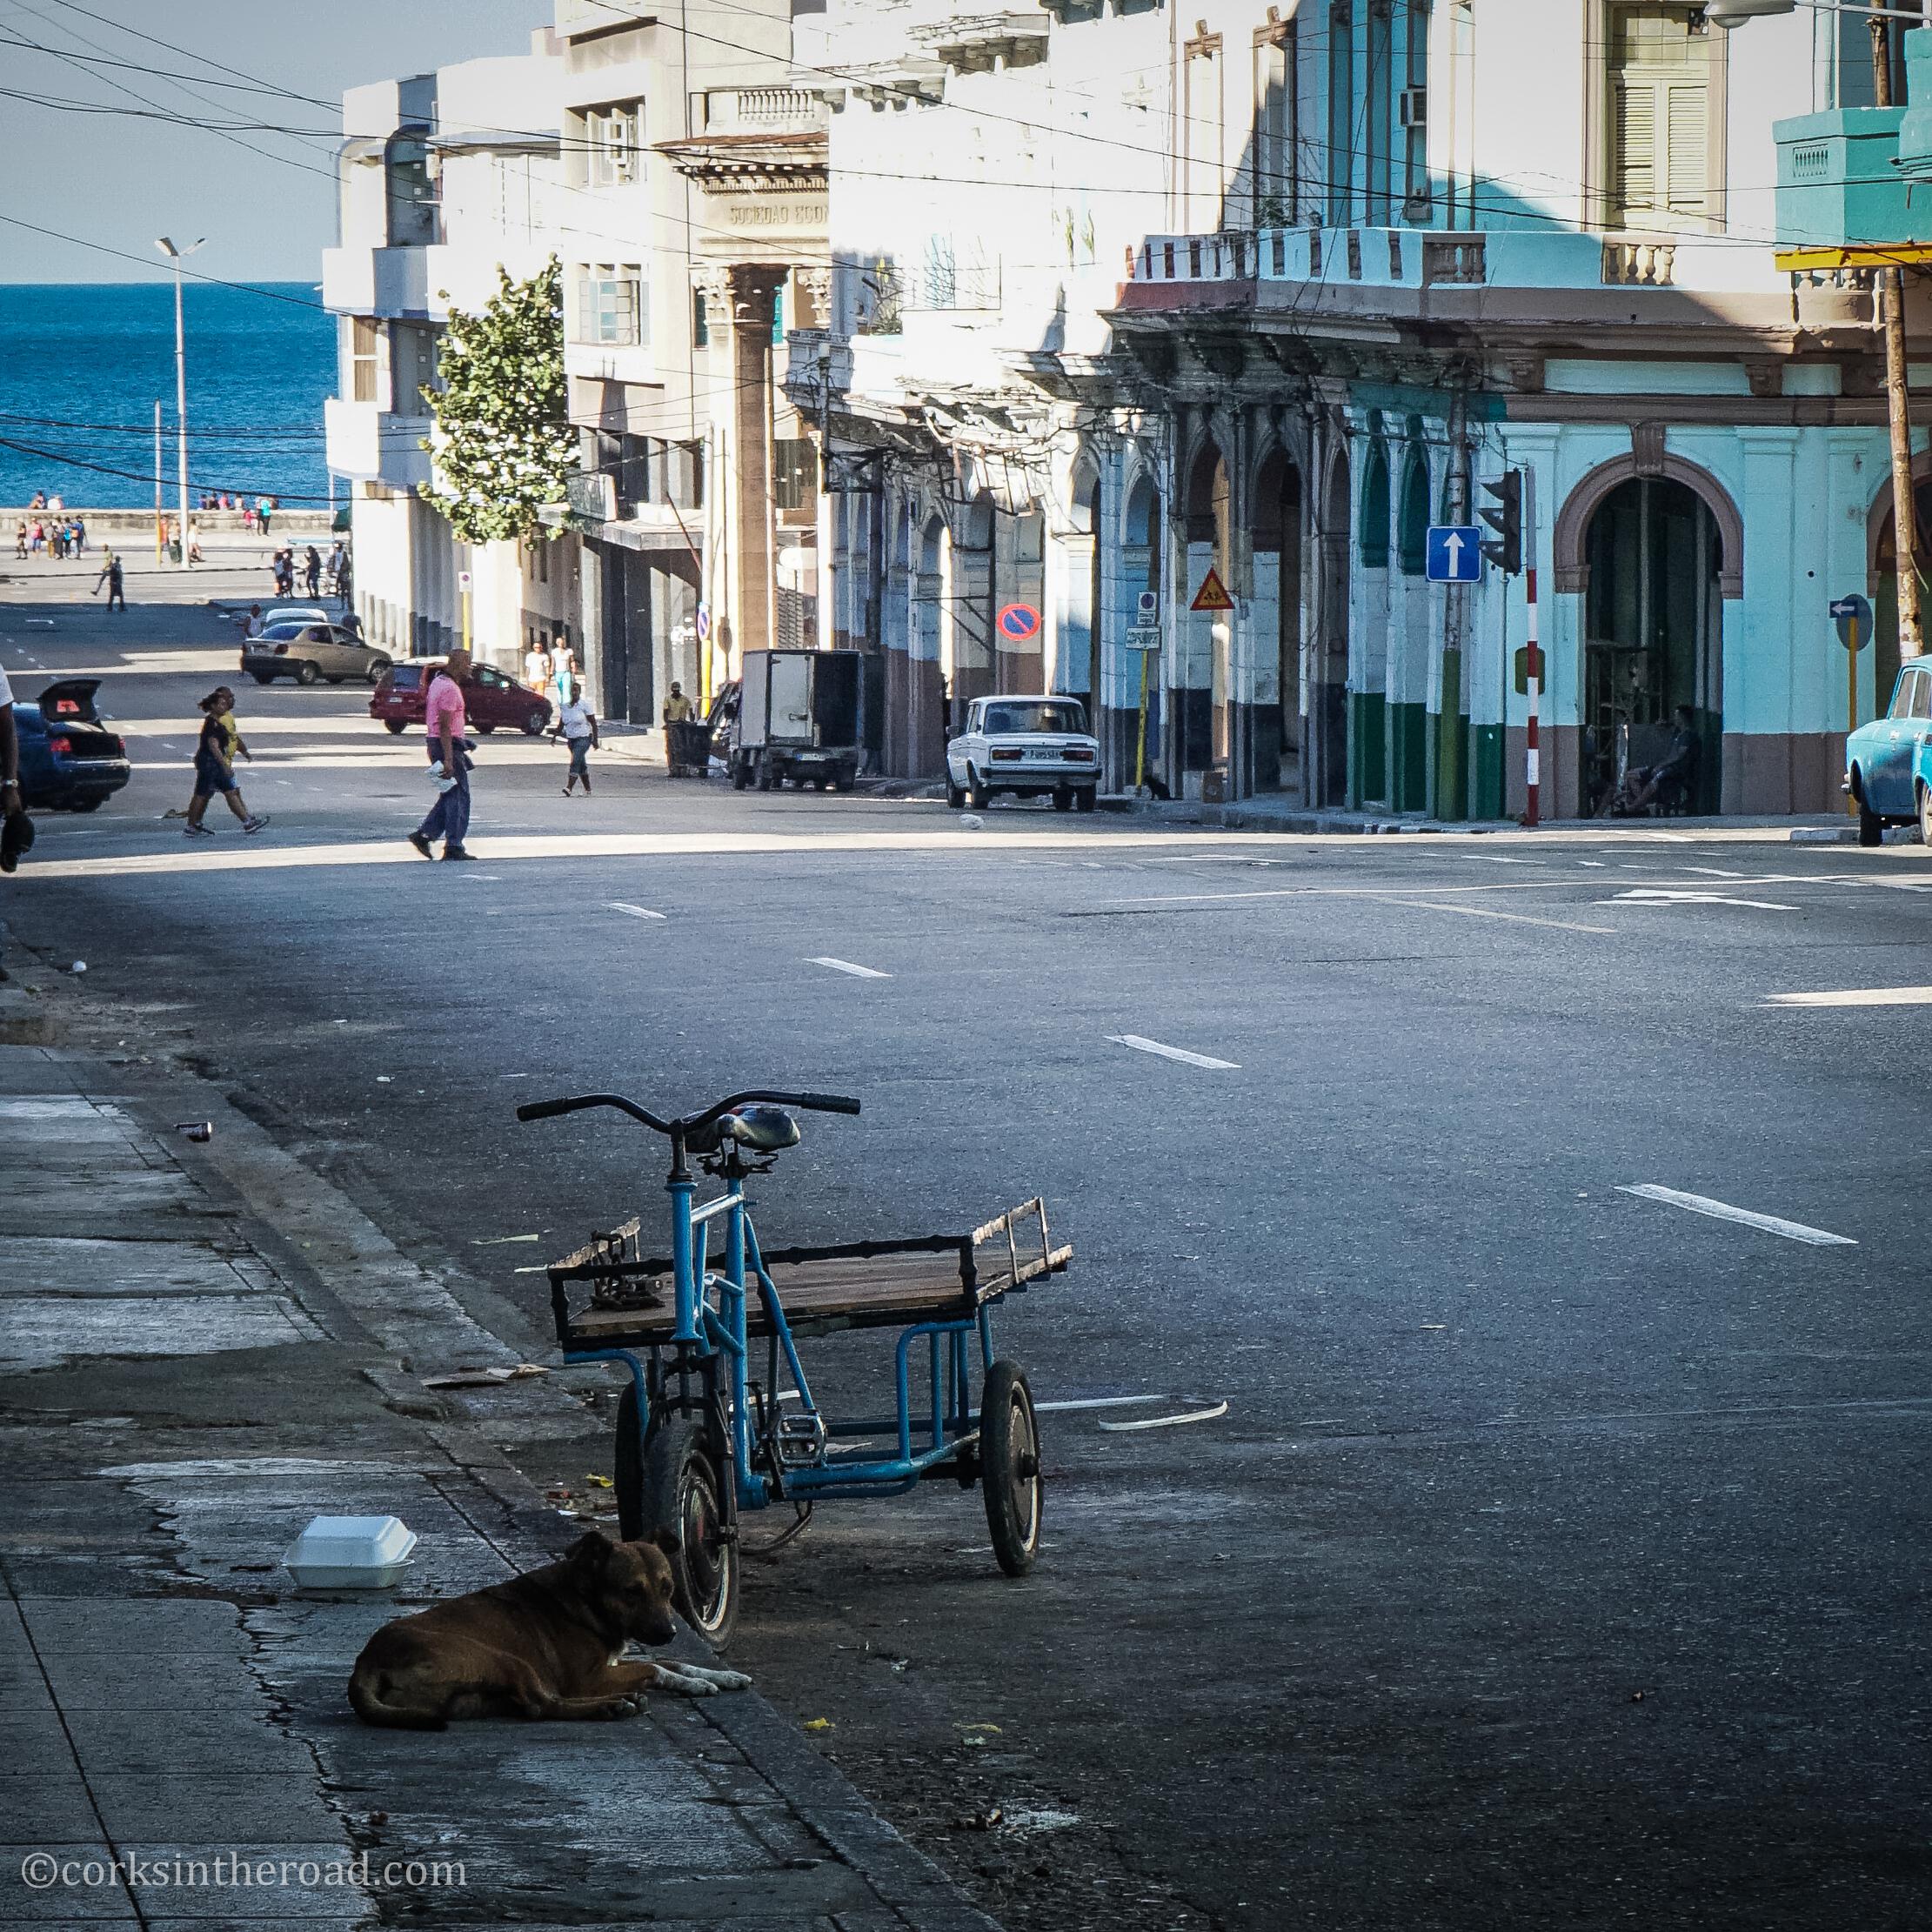 Corksintheroad, Cuba, Dogs, Havana.jpg